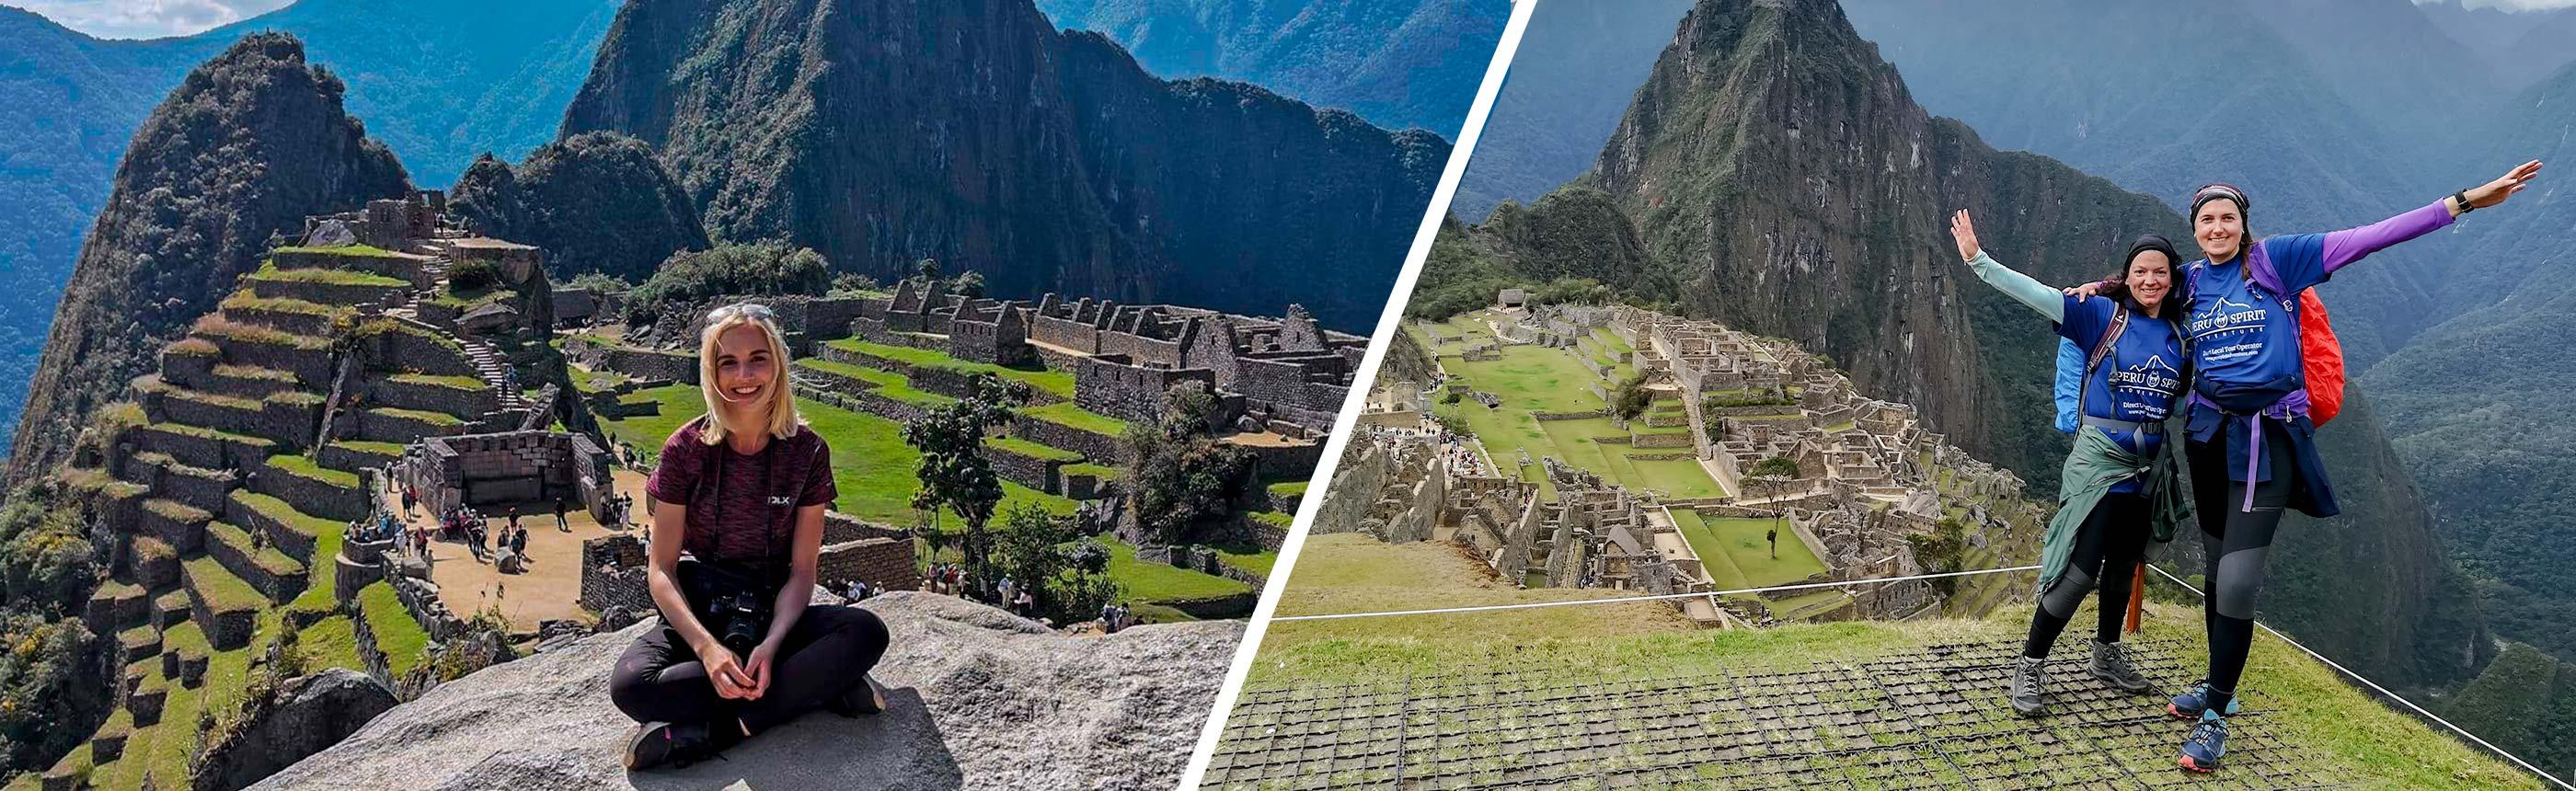 Huchuy Qosqo to Machu Picchu Trek Peru